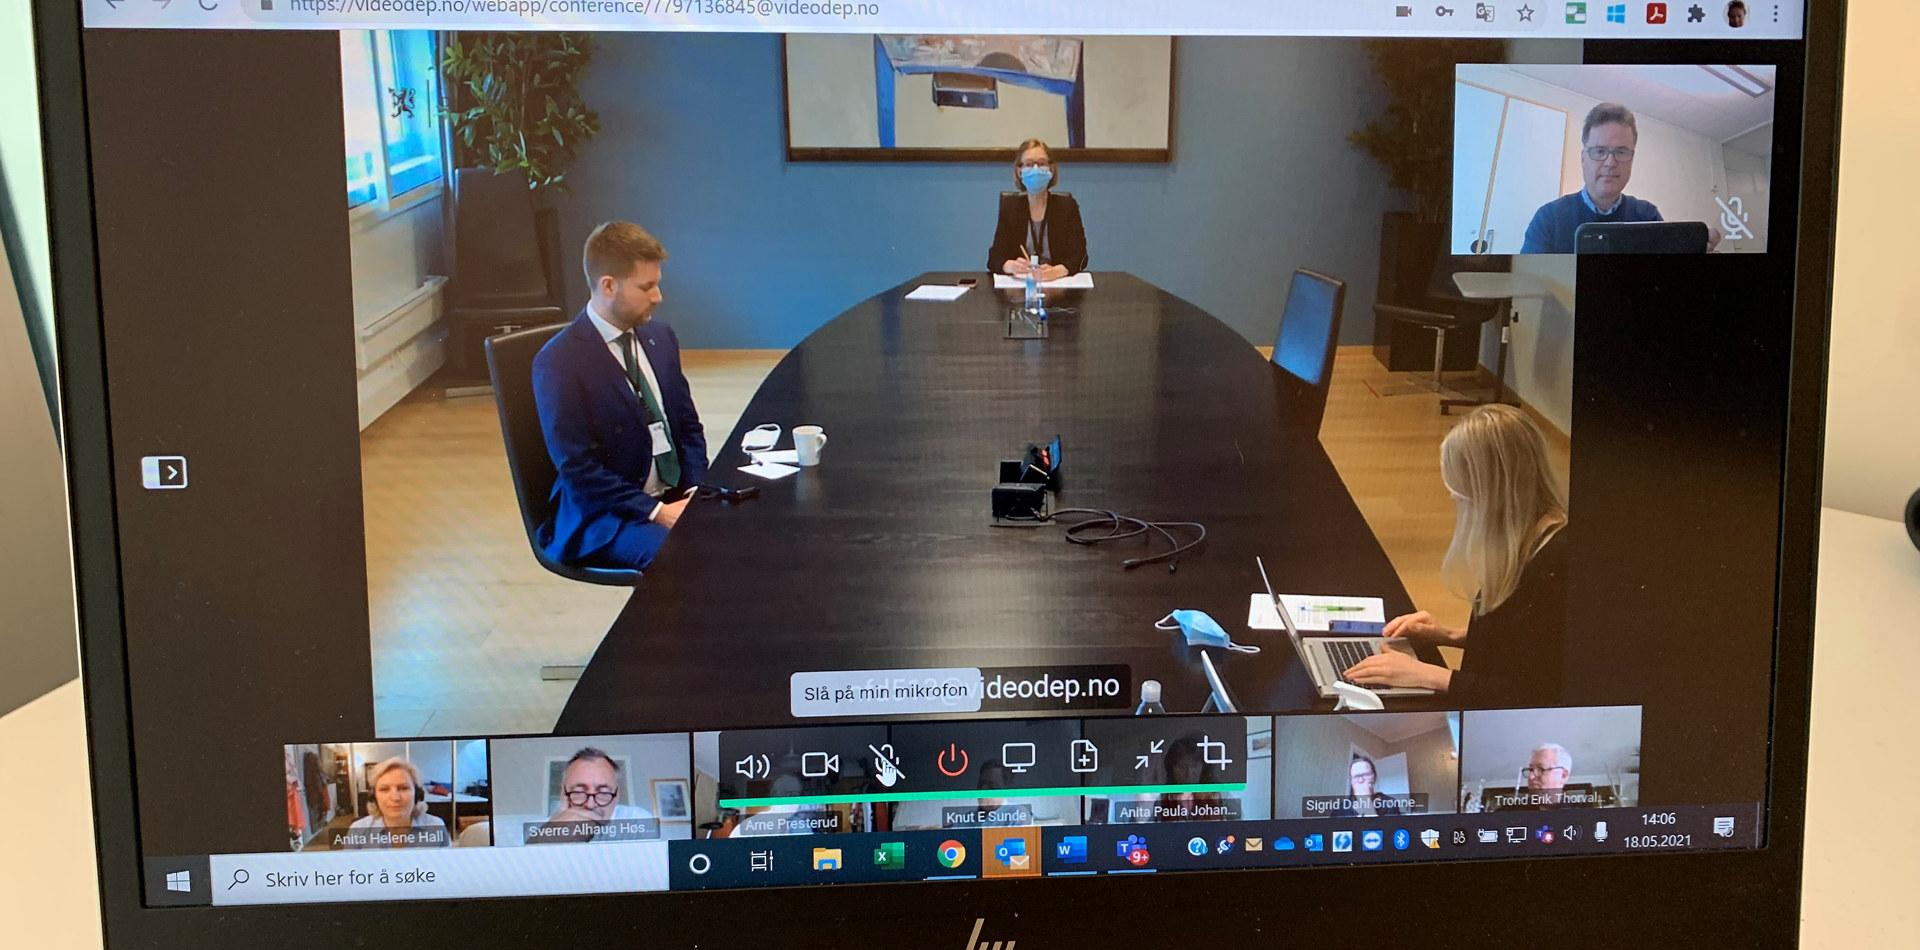 Bilde av digitalt møte